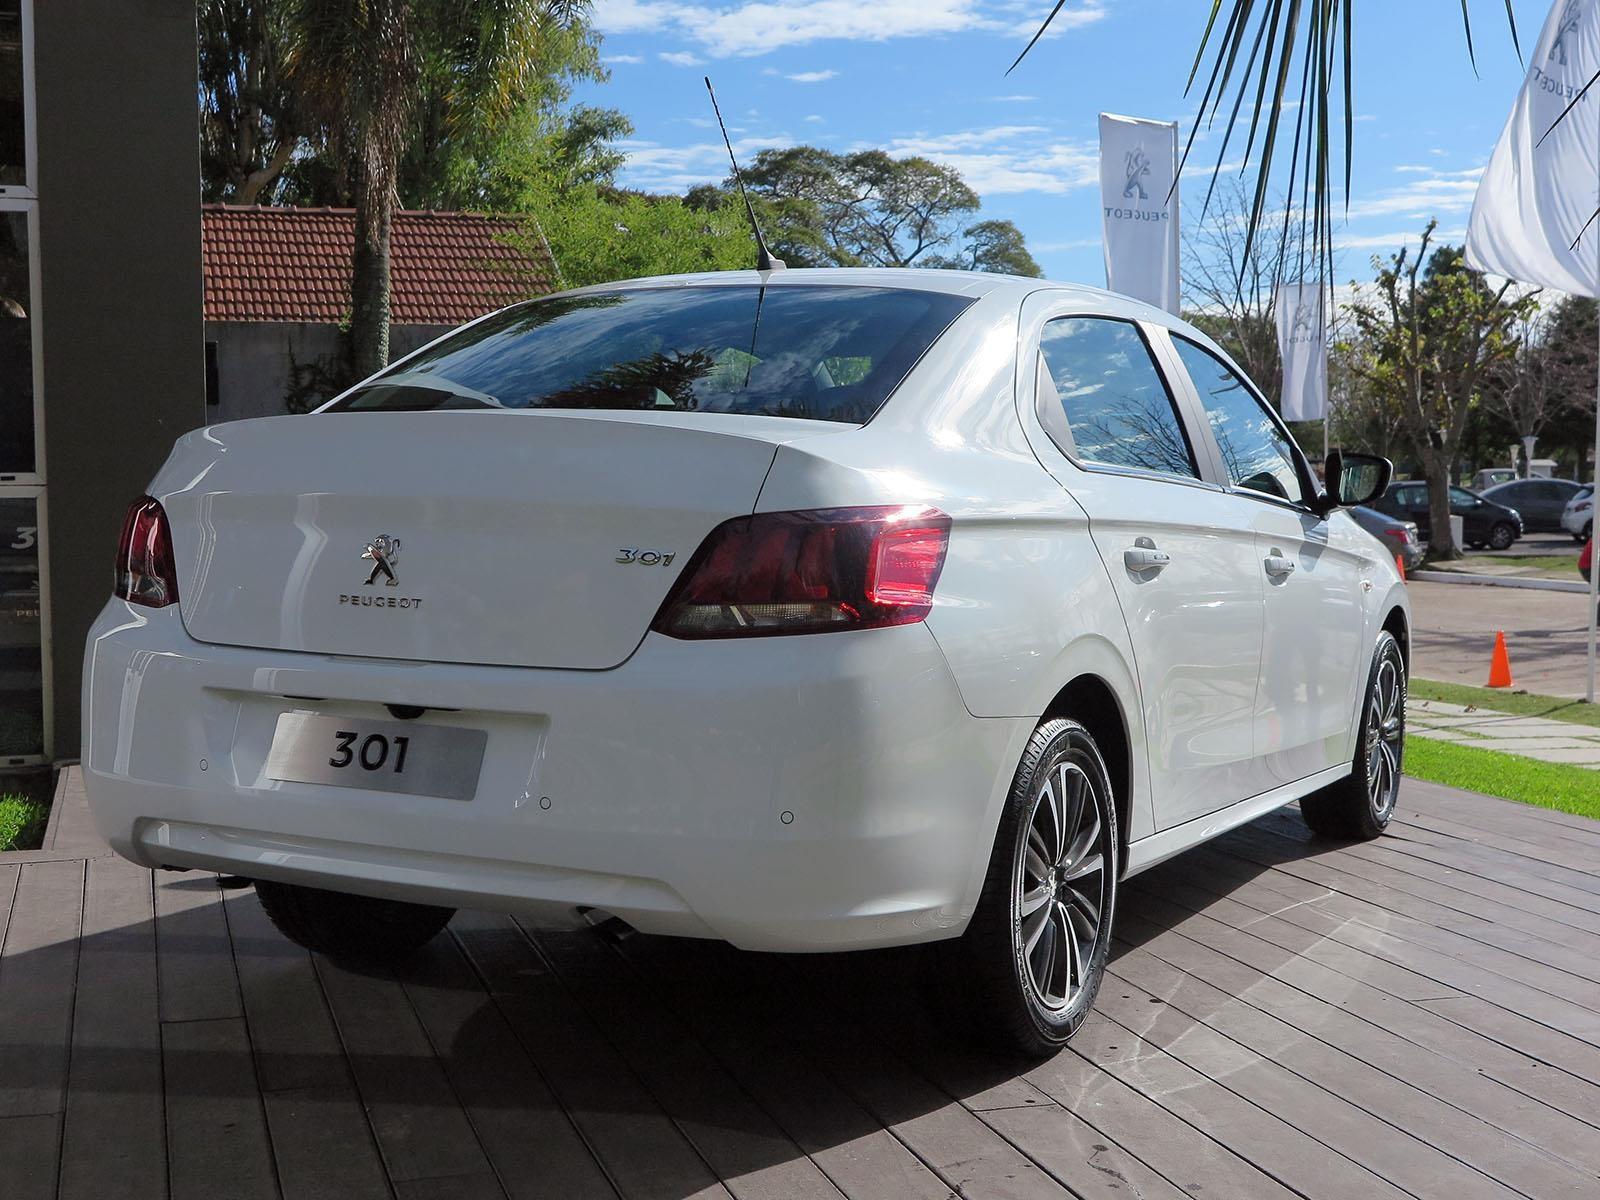 Manejamos el nuevo Peugeot 301 - Autocosmos.com